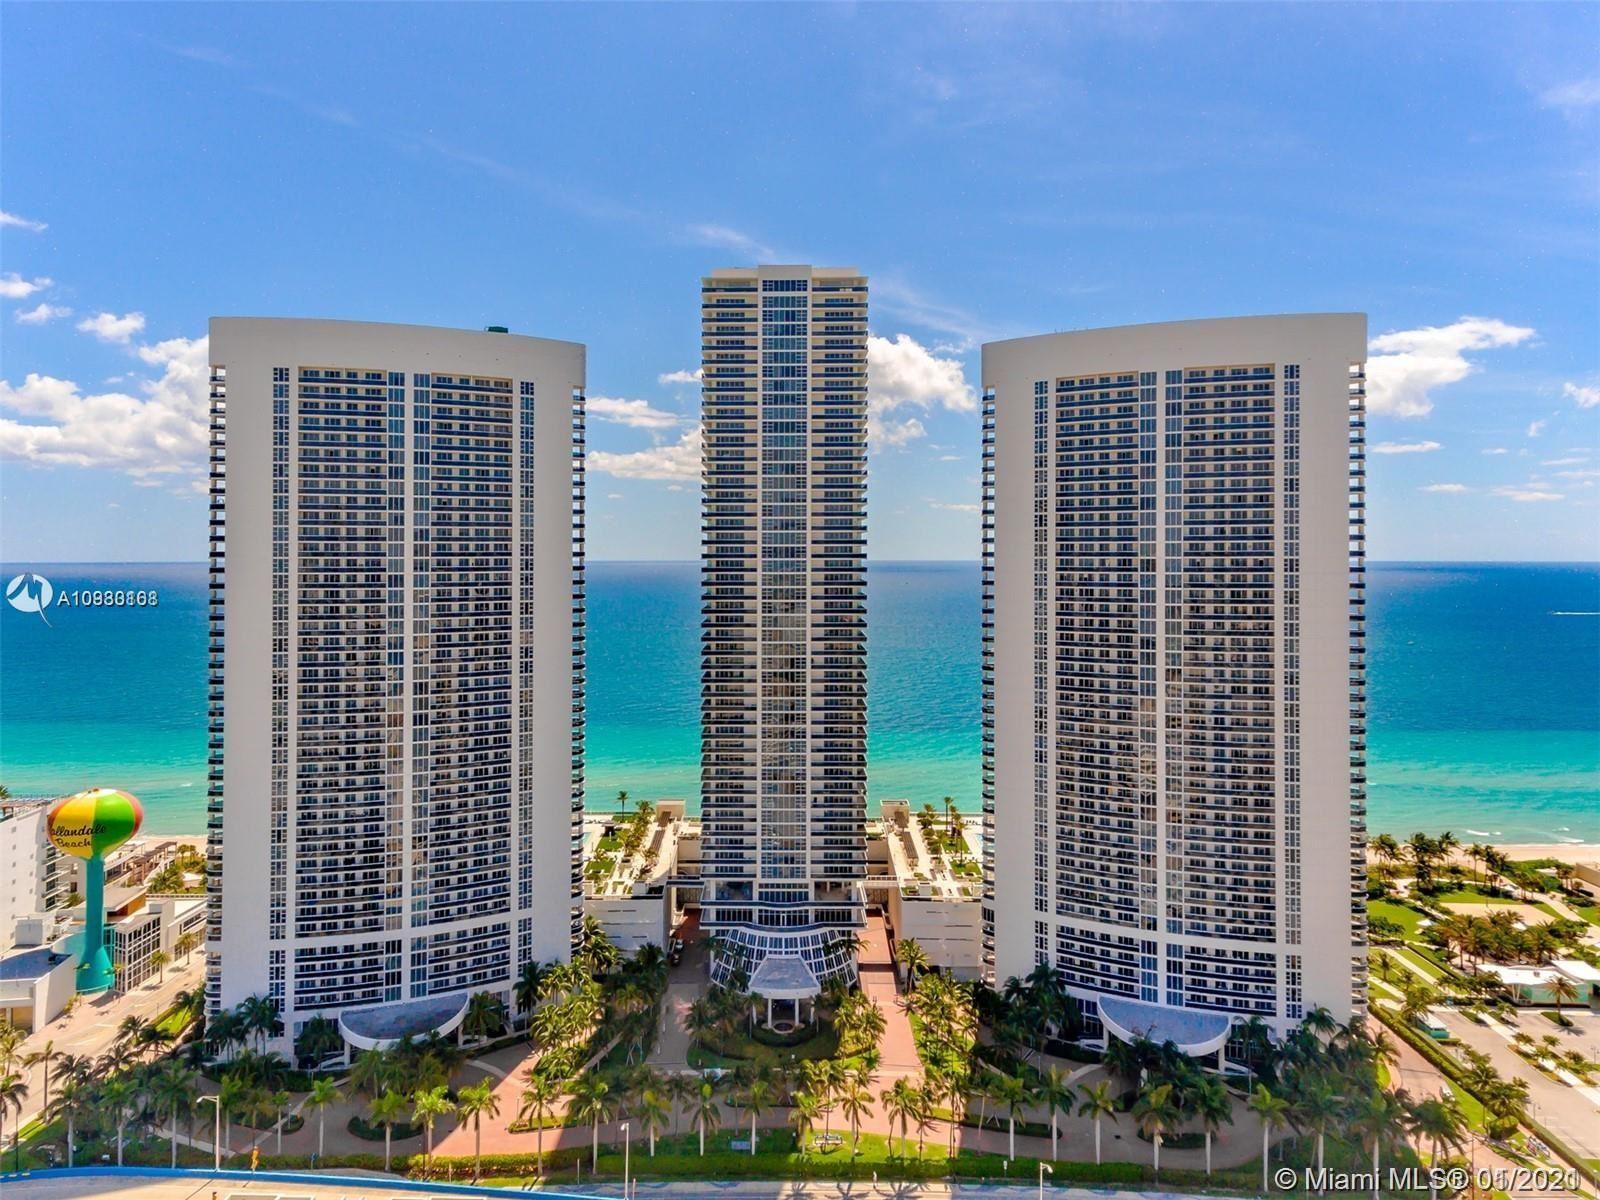 1800 S Ocean Dr #406, Hallandale Beach, FL 33009 - #: A10980168